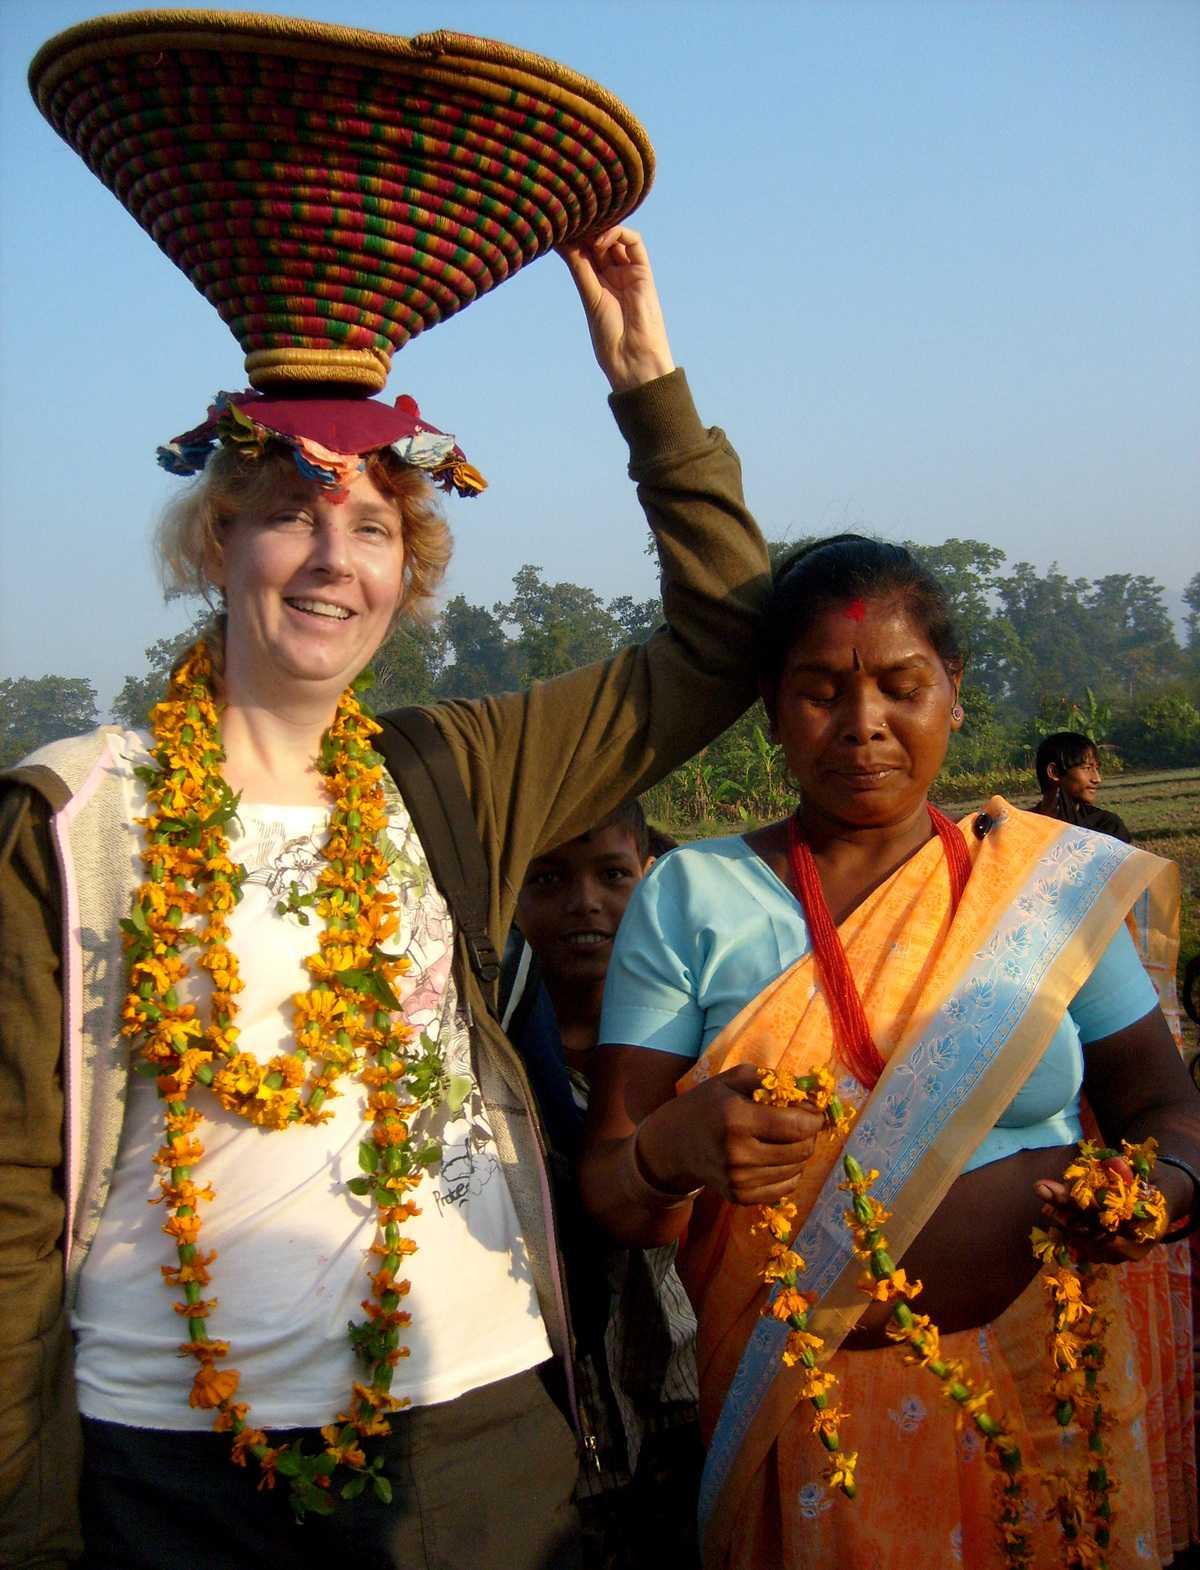 Volontärarbete är inget man blir rik på. Efter avslutat förvärv får Marjolein en blomsterkrans och en flätad korg med sig hem.